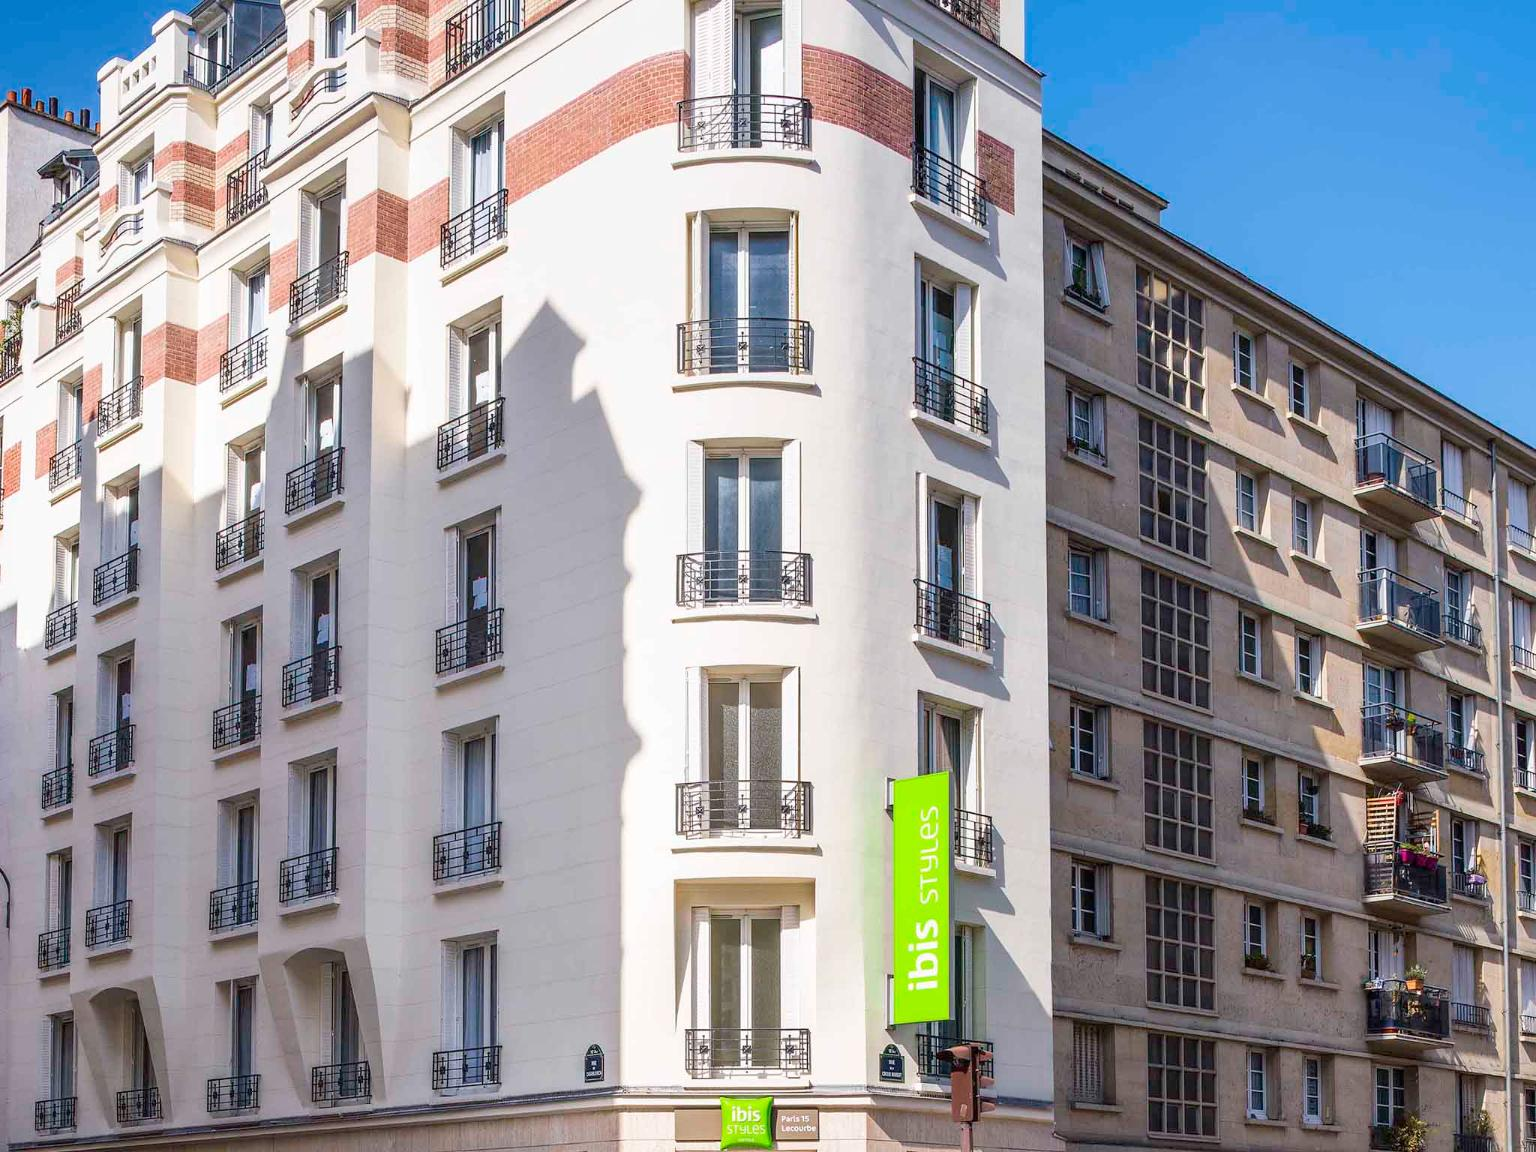 Ibis styles paris 15 lecourbe h tel 192 rue de la croix for Hotels 75015